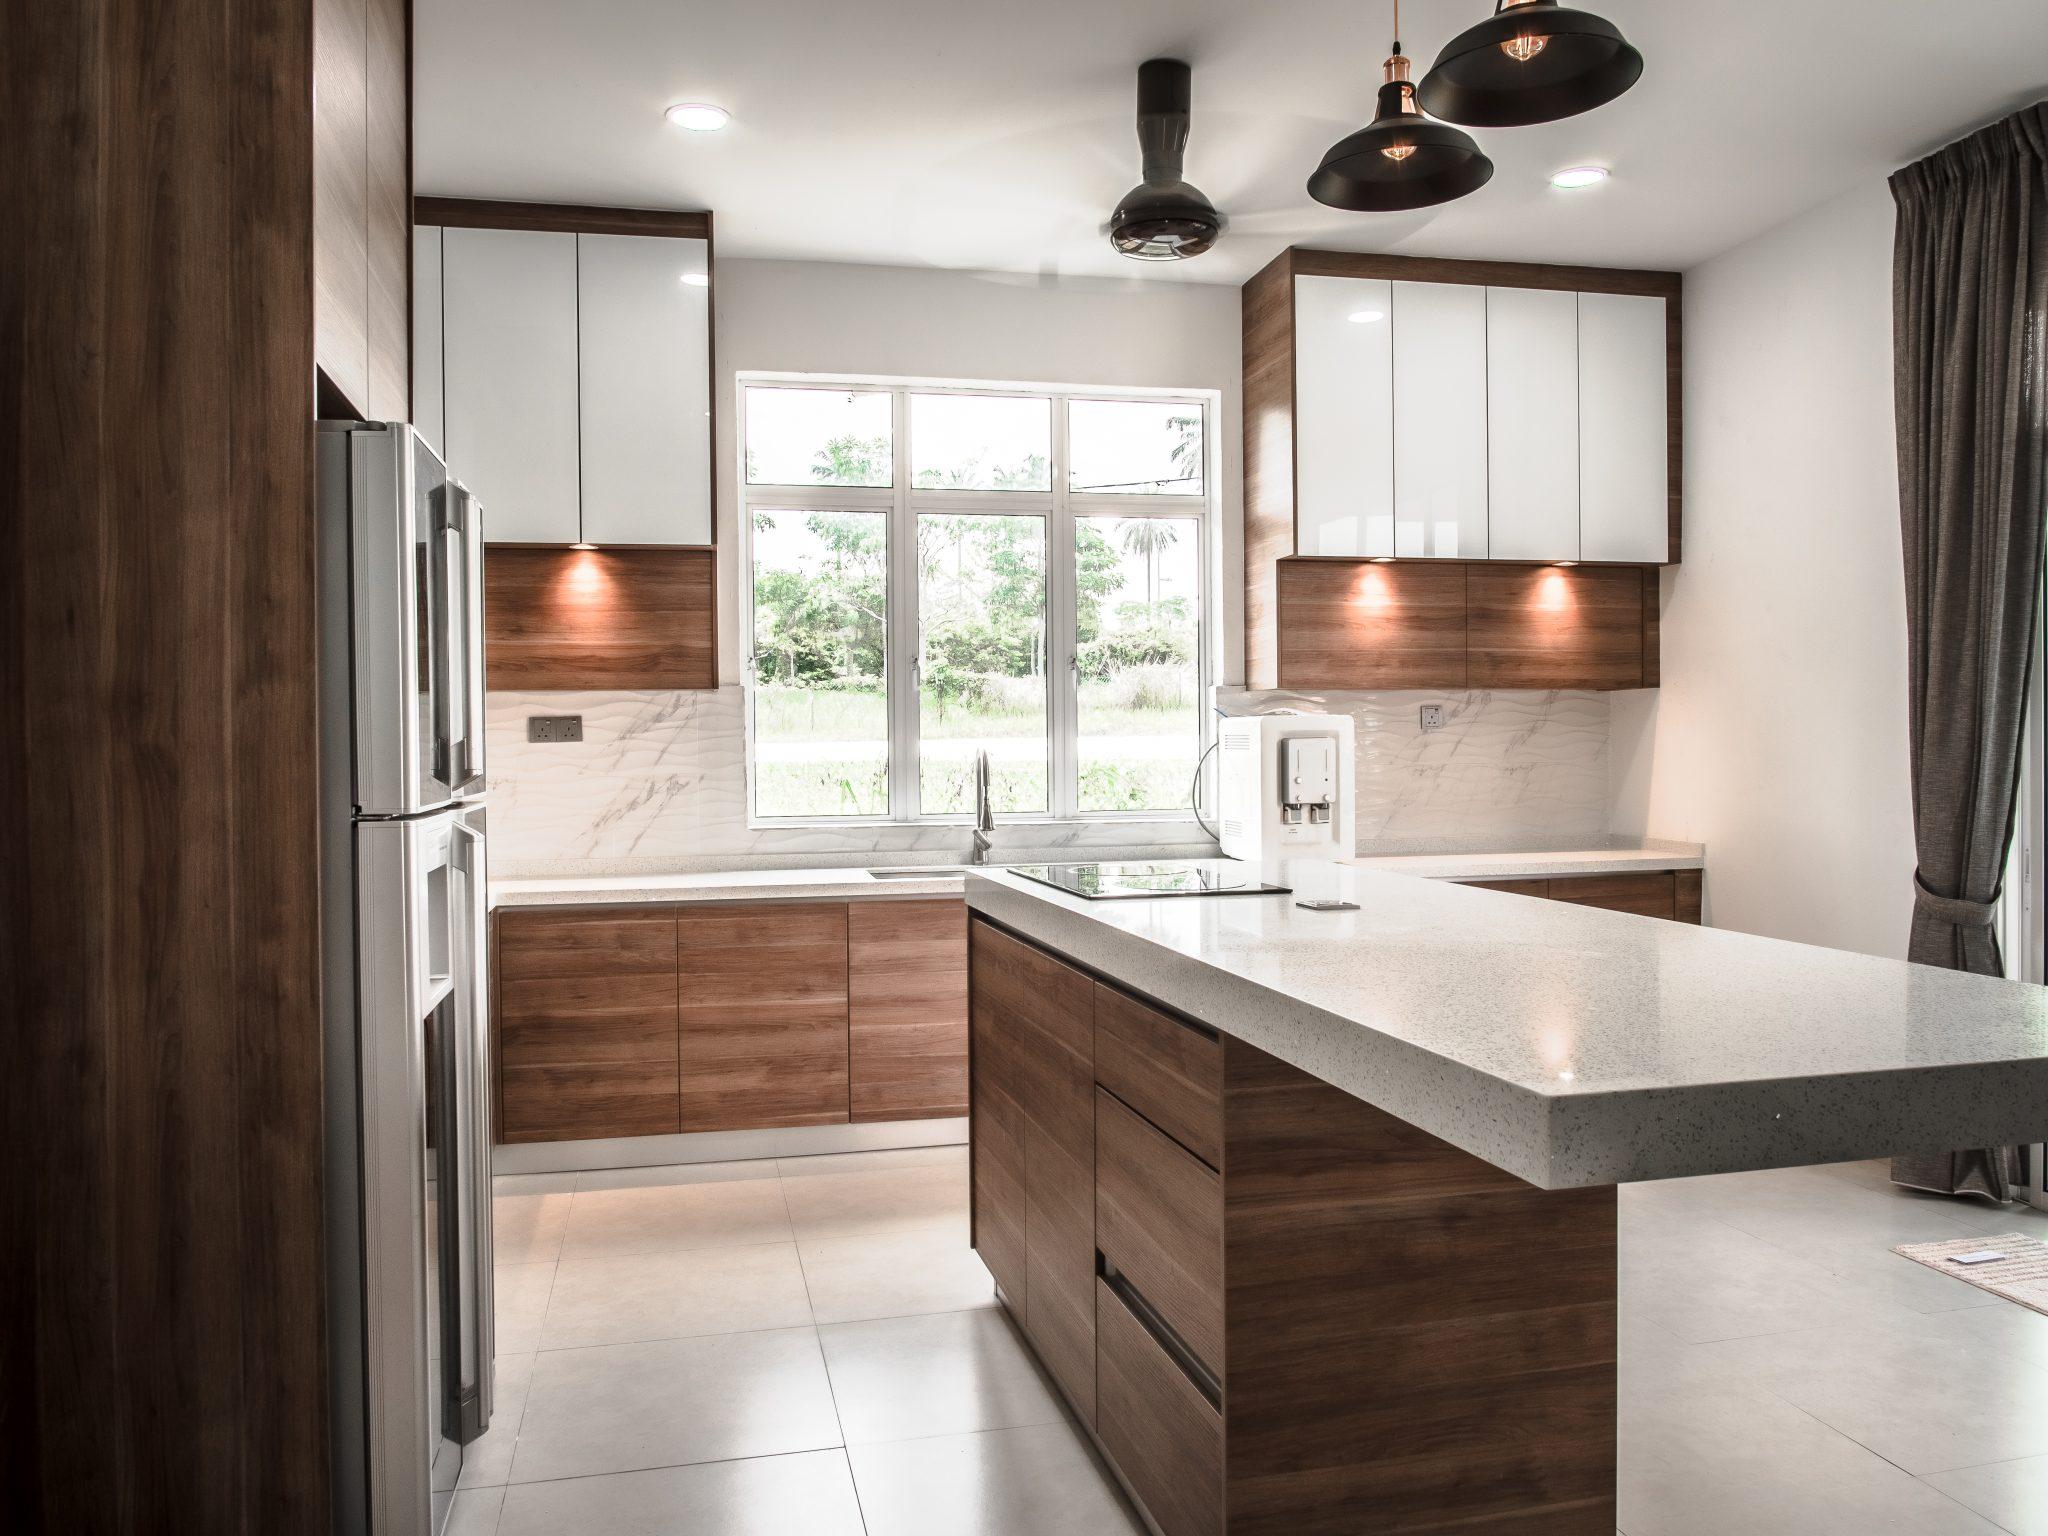 Melamine Wood Finish Kitchen Cabinet & Island - EQ